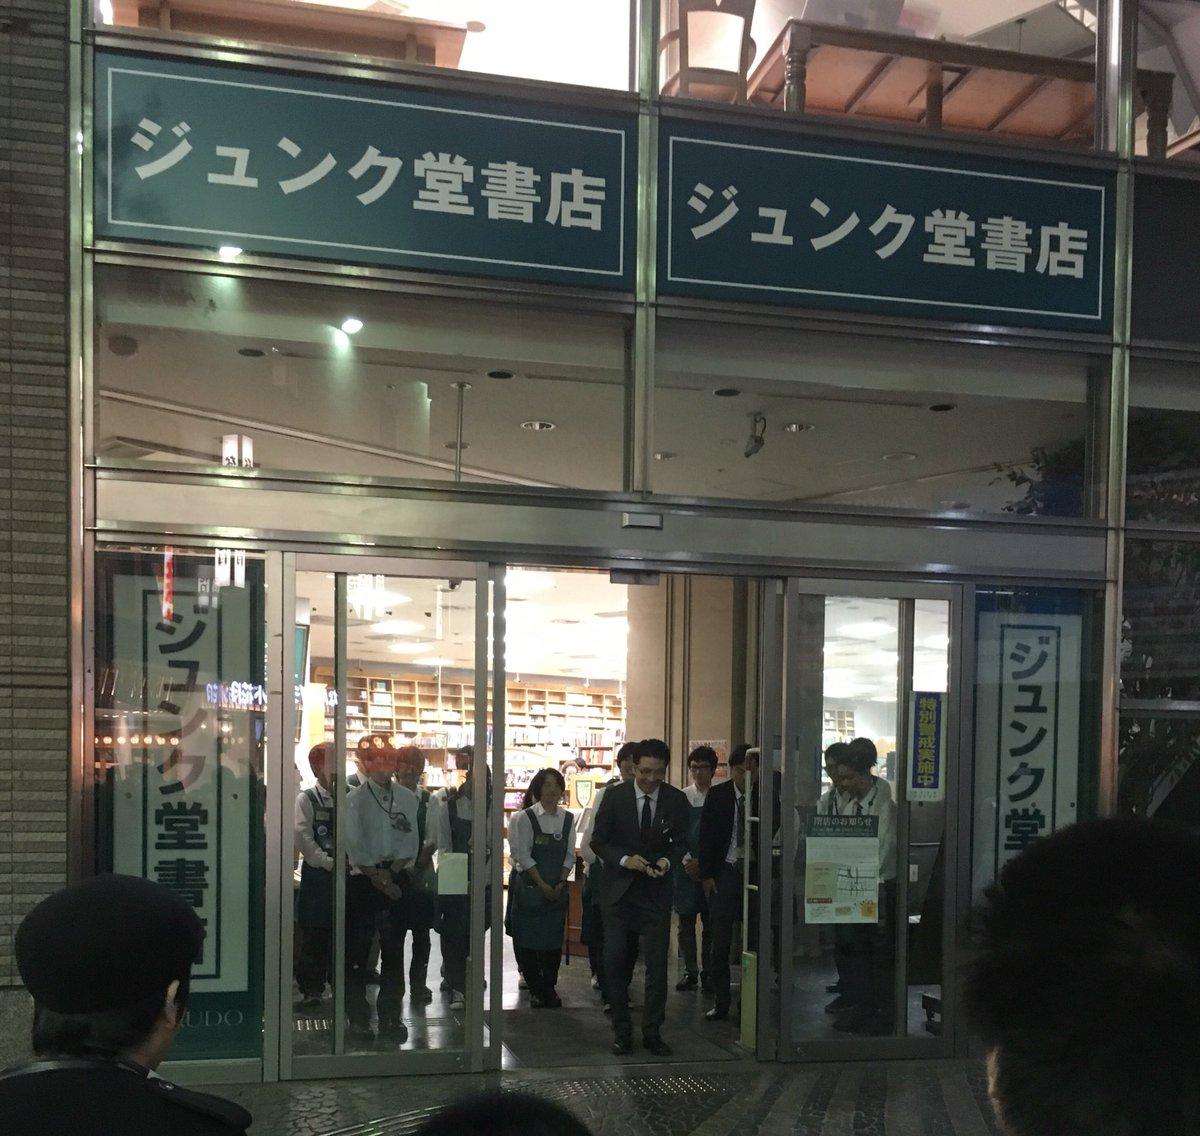 大勢のお客さんに拍手で見送られて、ジュンク堂千日前店の営業が終了。おつかれさまでした。 https://t.co/GiknfWBixU